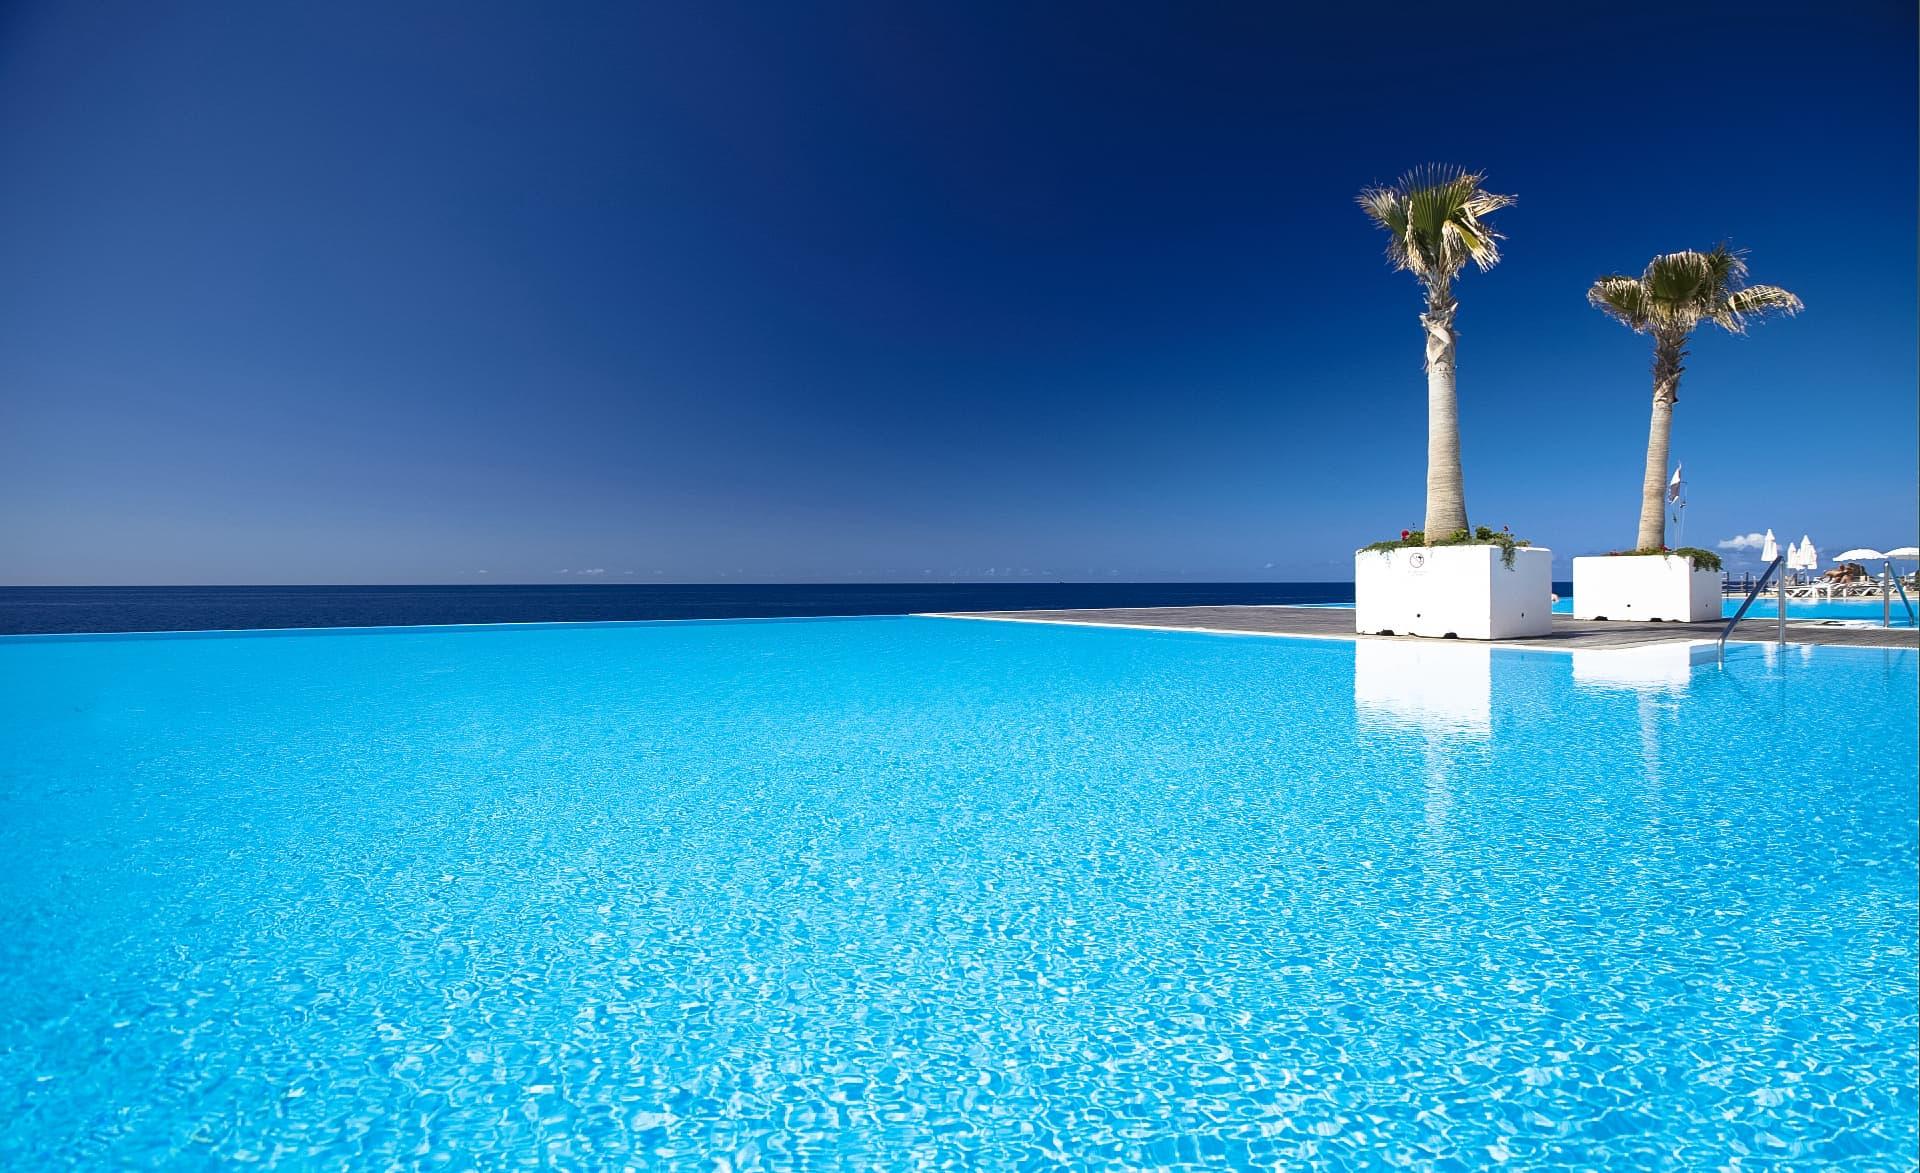 Atlantic-Ocean-ByVidaMar-VidaMar-Madeira